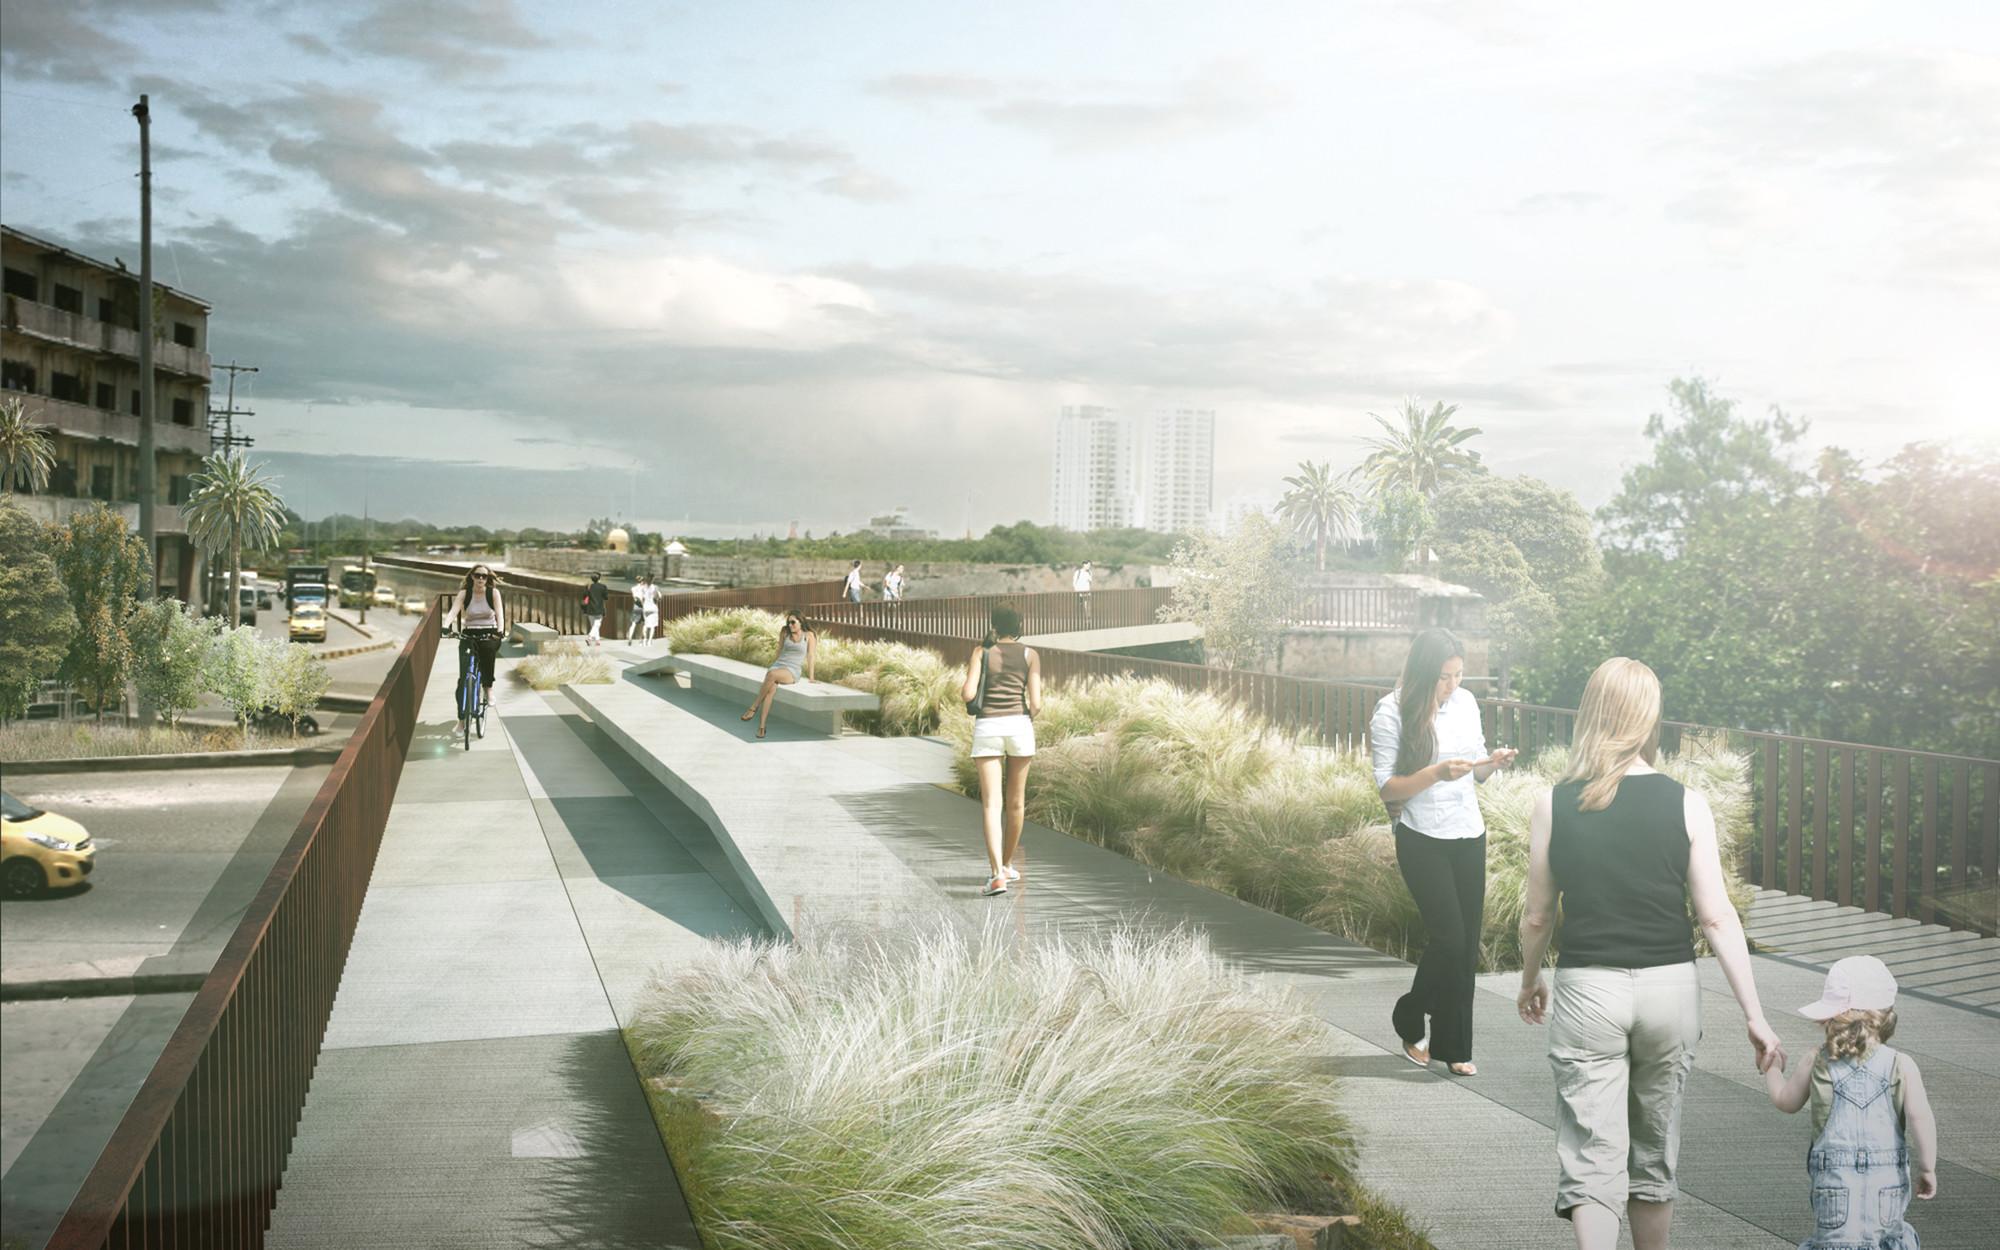 MOBO diseñará nuevos enlaces peatonales en las murallas de Cartagena de Indias, La Media Luna. Imagen © M.O.N.O.M.O.